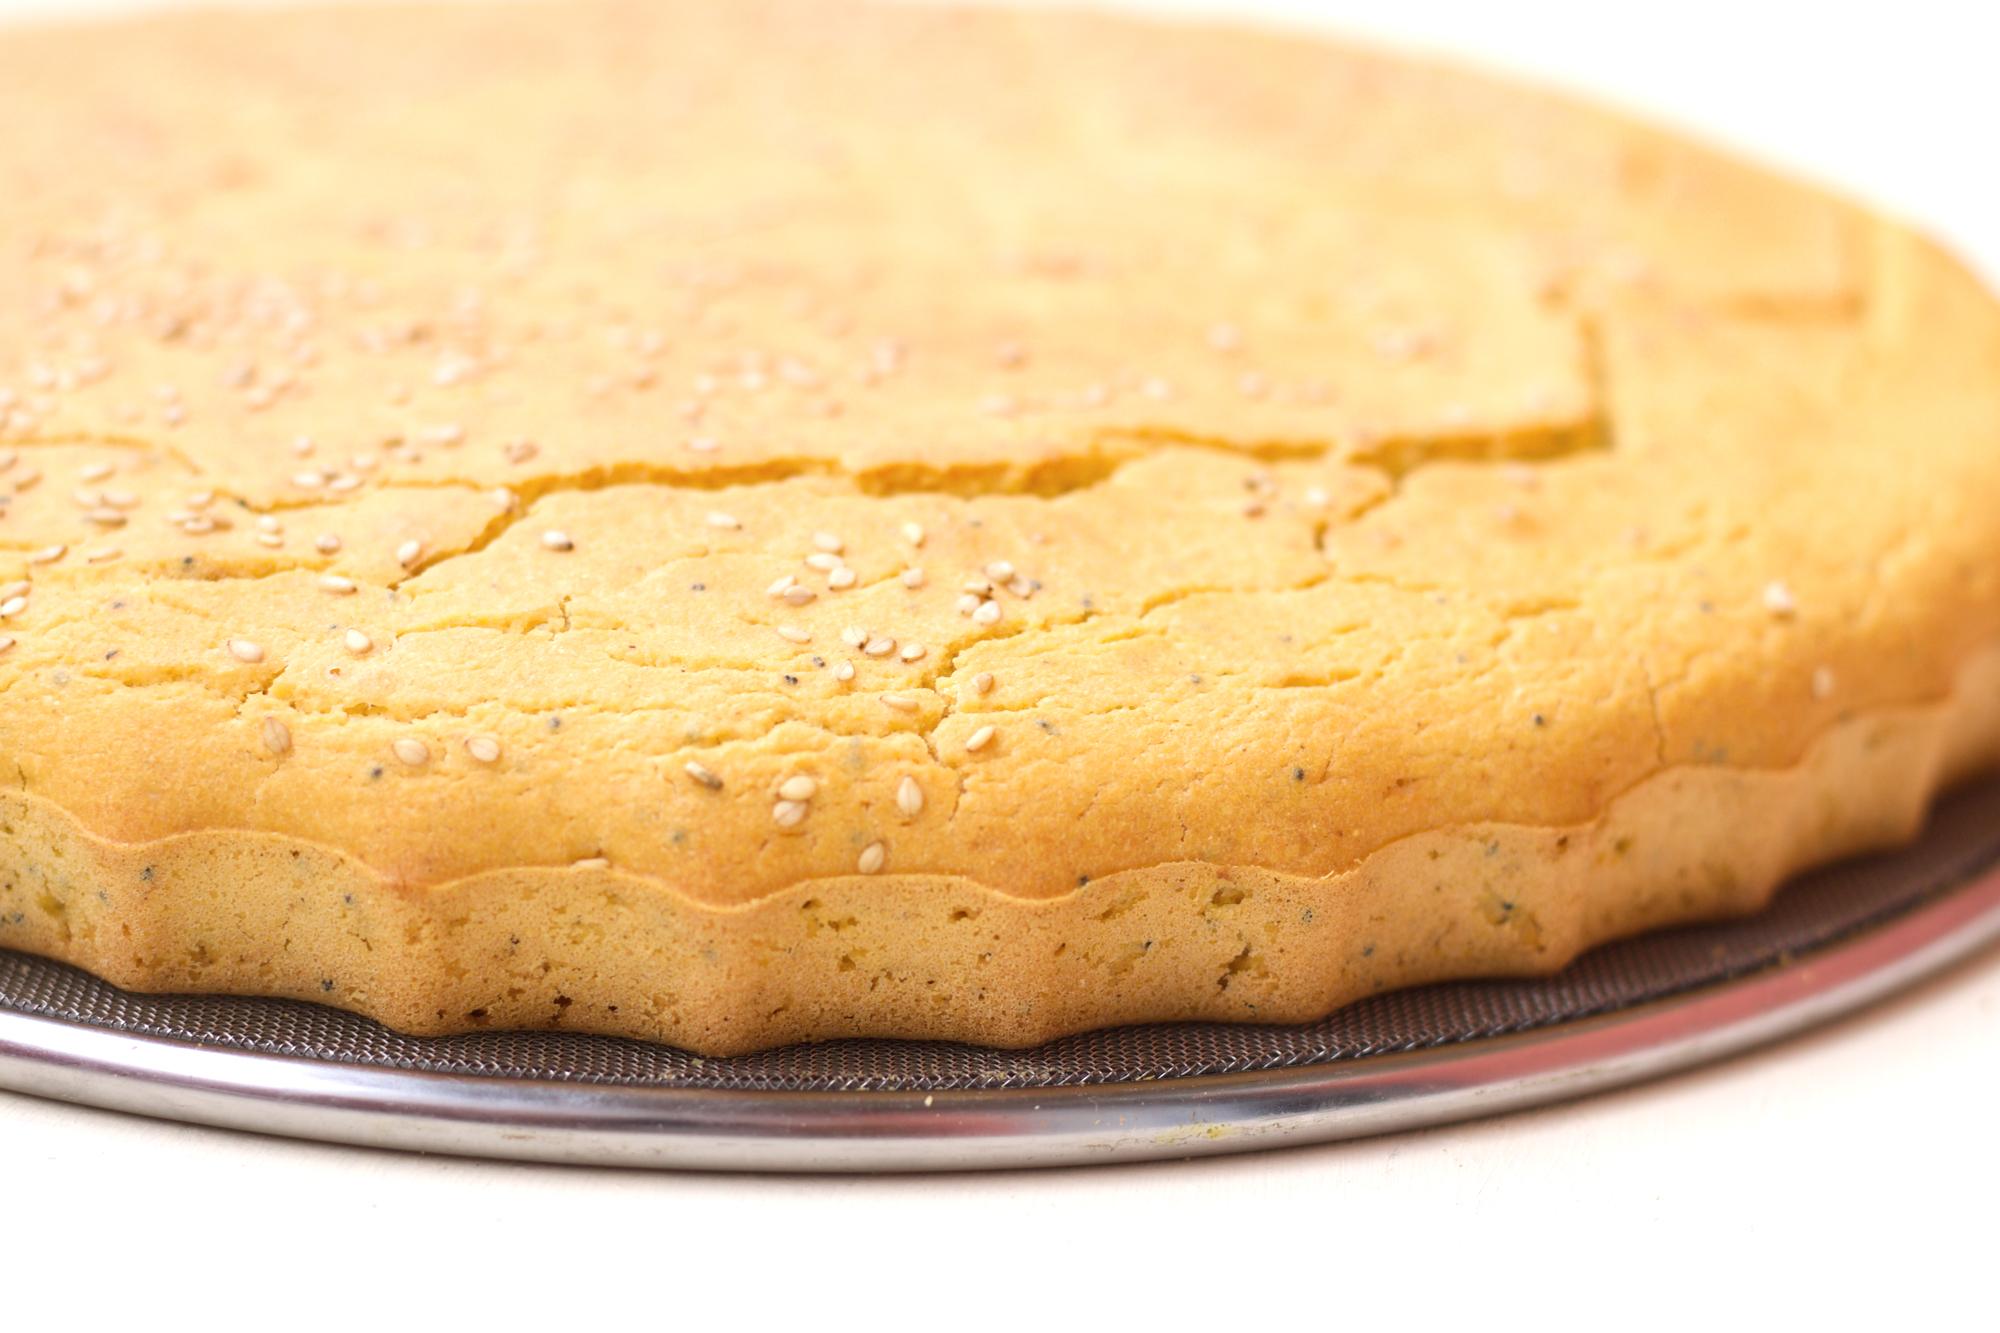 Царевично хлебче с нещо кексово в потеклото